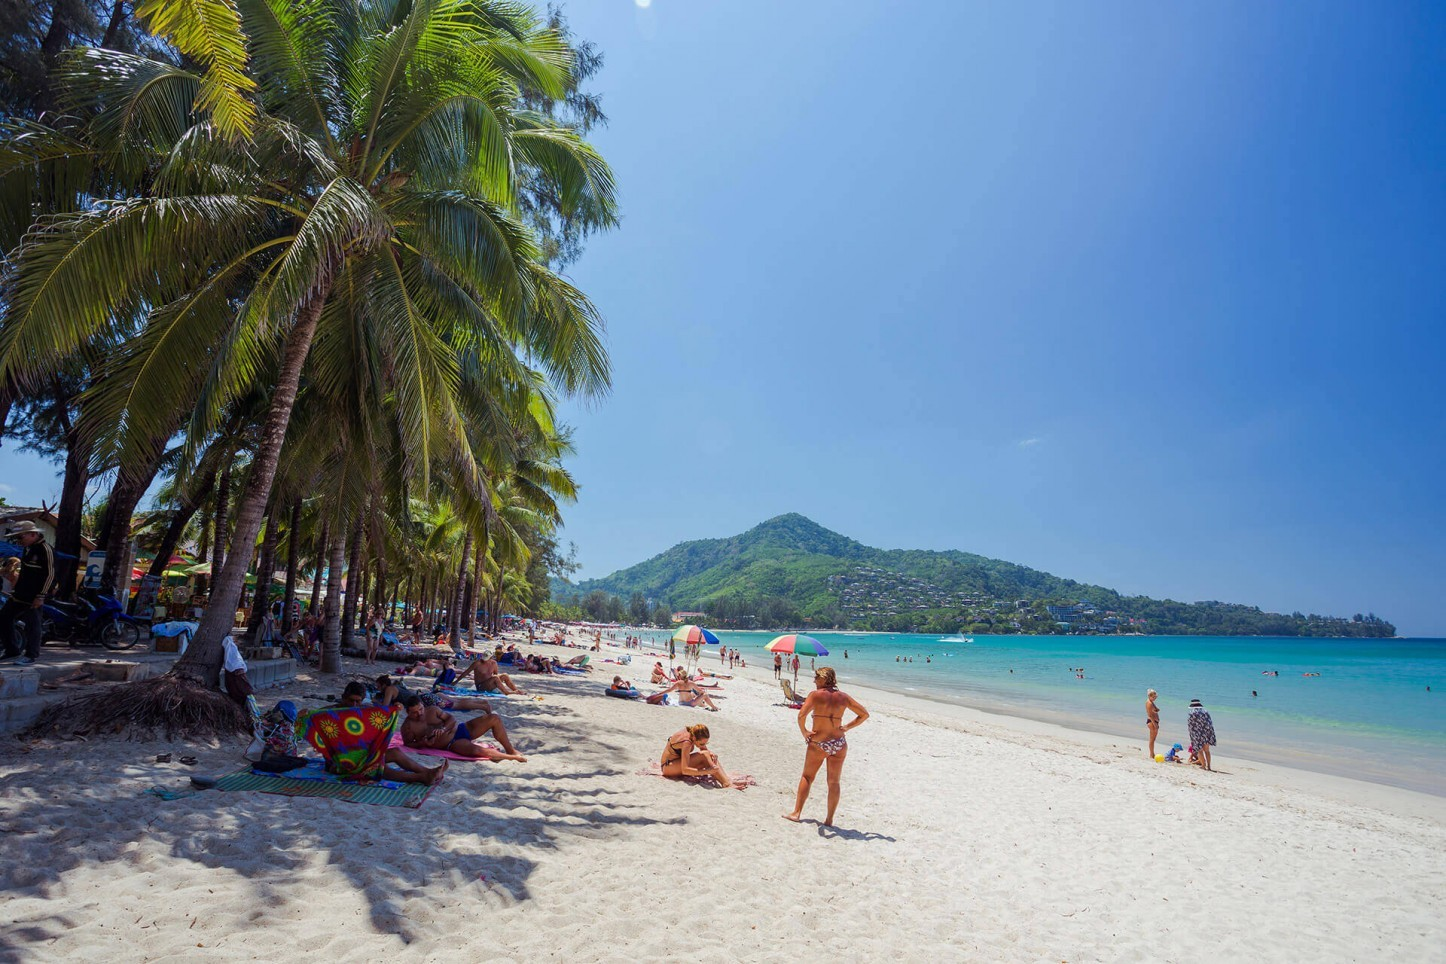 Kamala beach, Phuket, Thailand